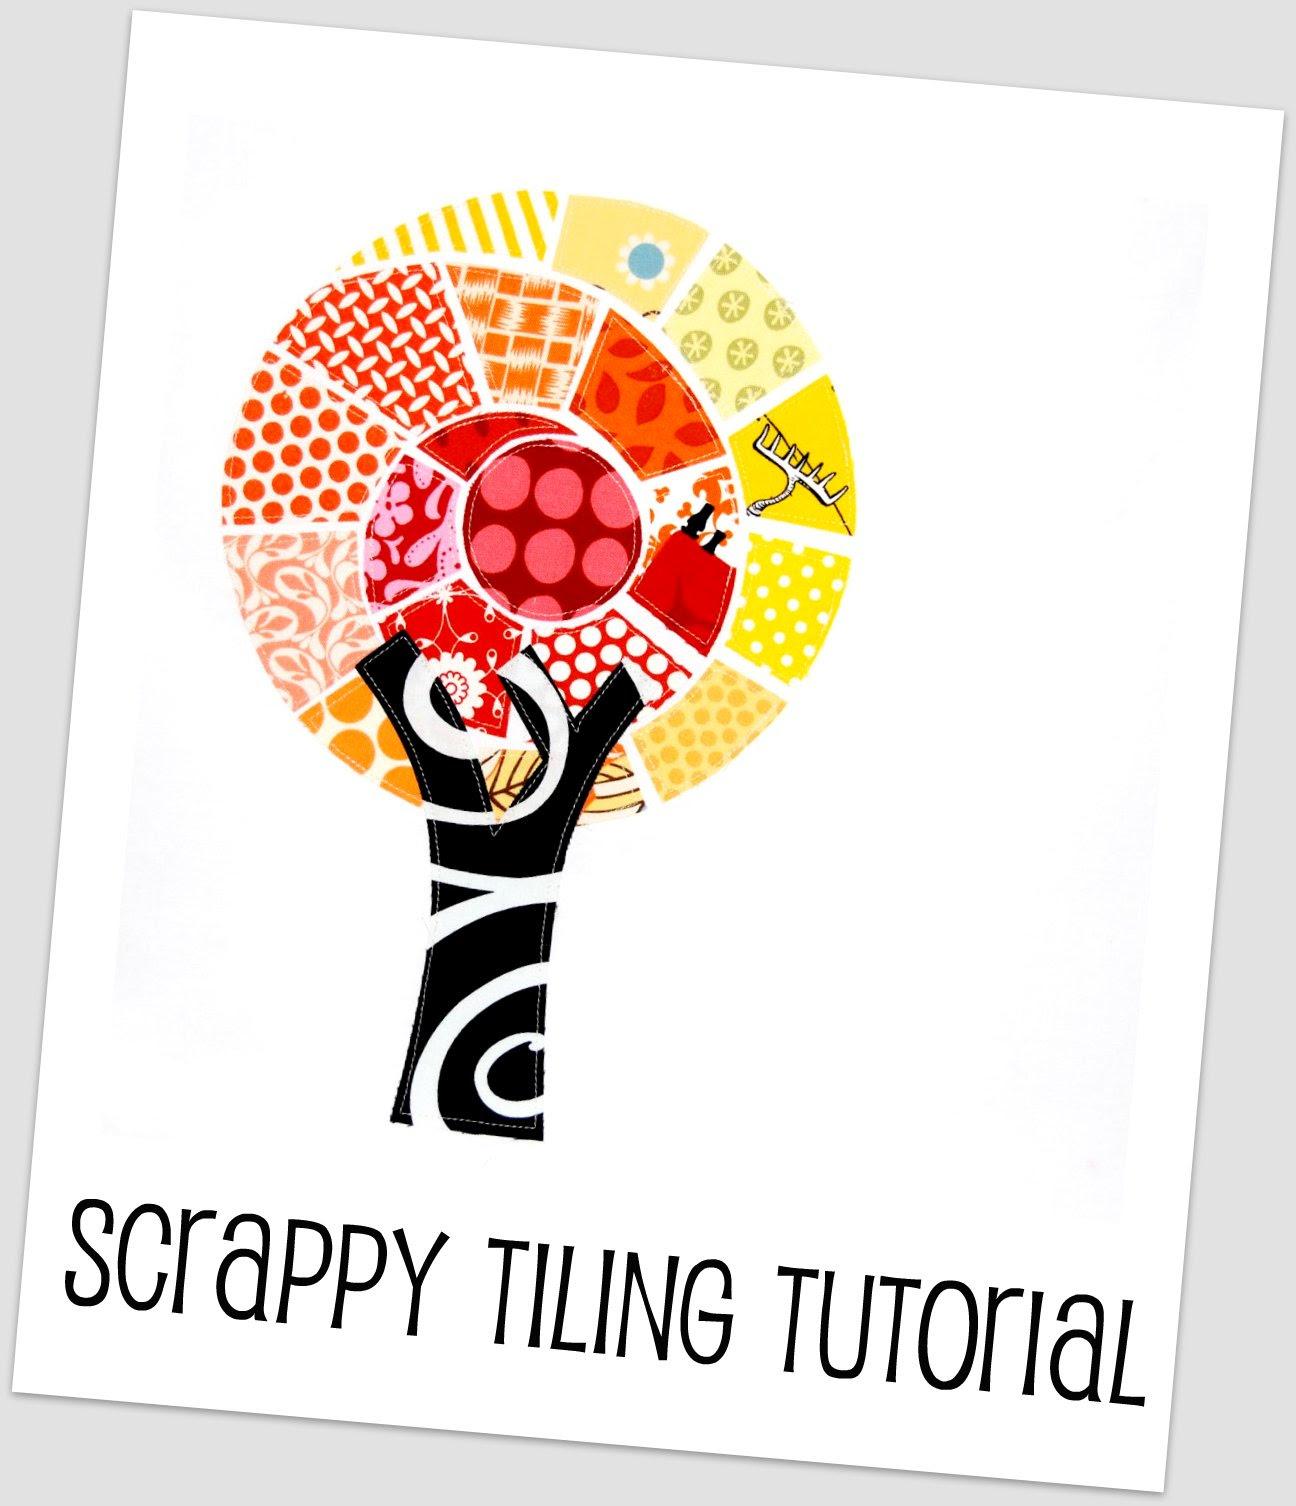 Scrappy Tiling Tutorial